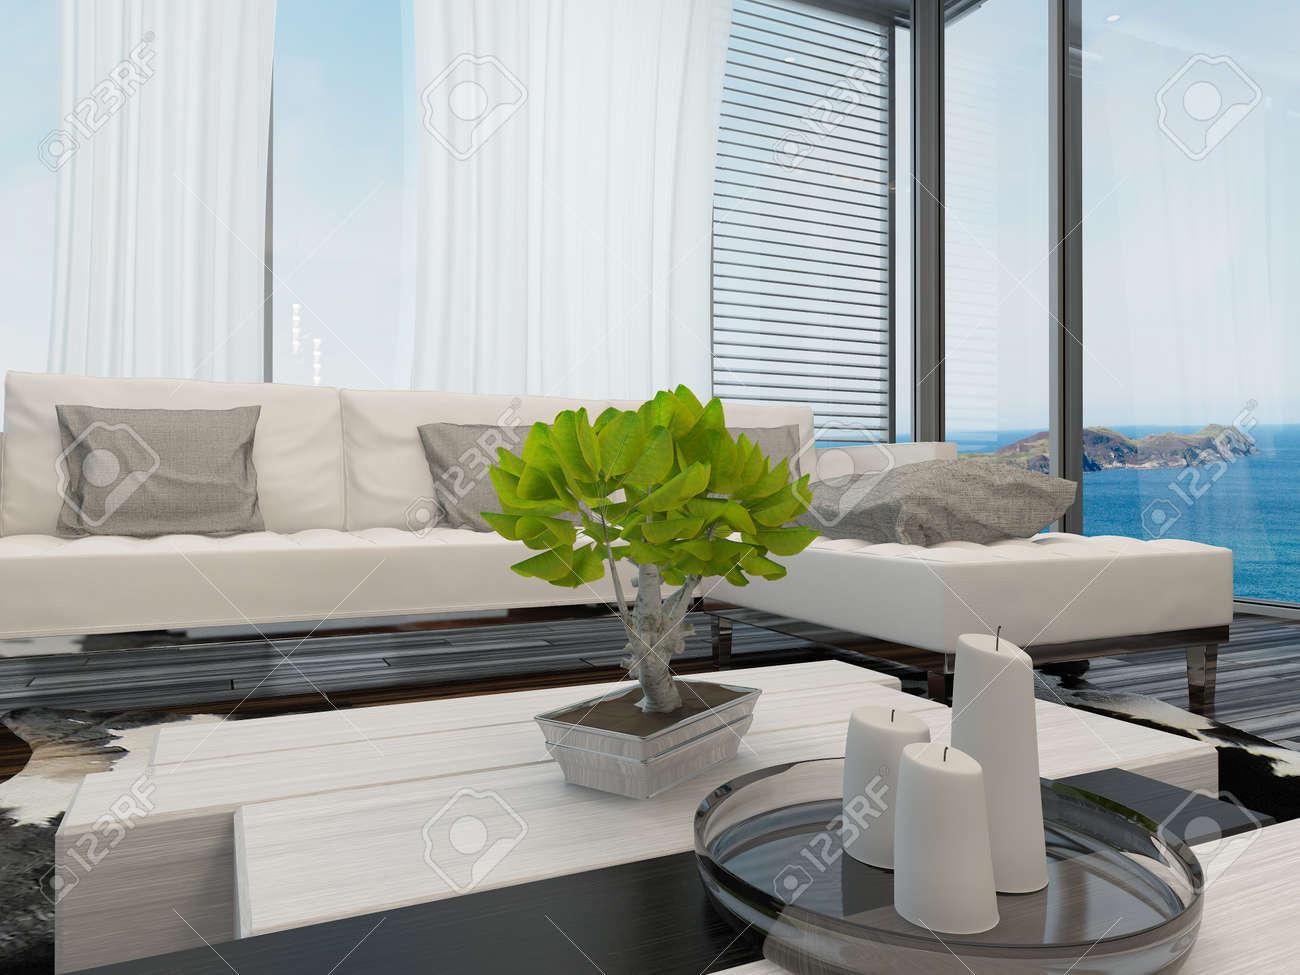 Moderne Helle Luftige Wohnzimmer Oder In Der Lounge Mit Blick Auf Das Meer  Innenraum Mit Großen Fenstern Mit Blick Auf Vorhänge Und Jalousien, Eine  Moderne ...